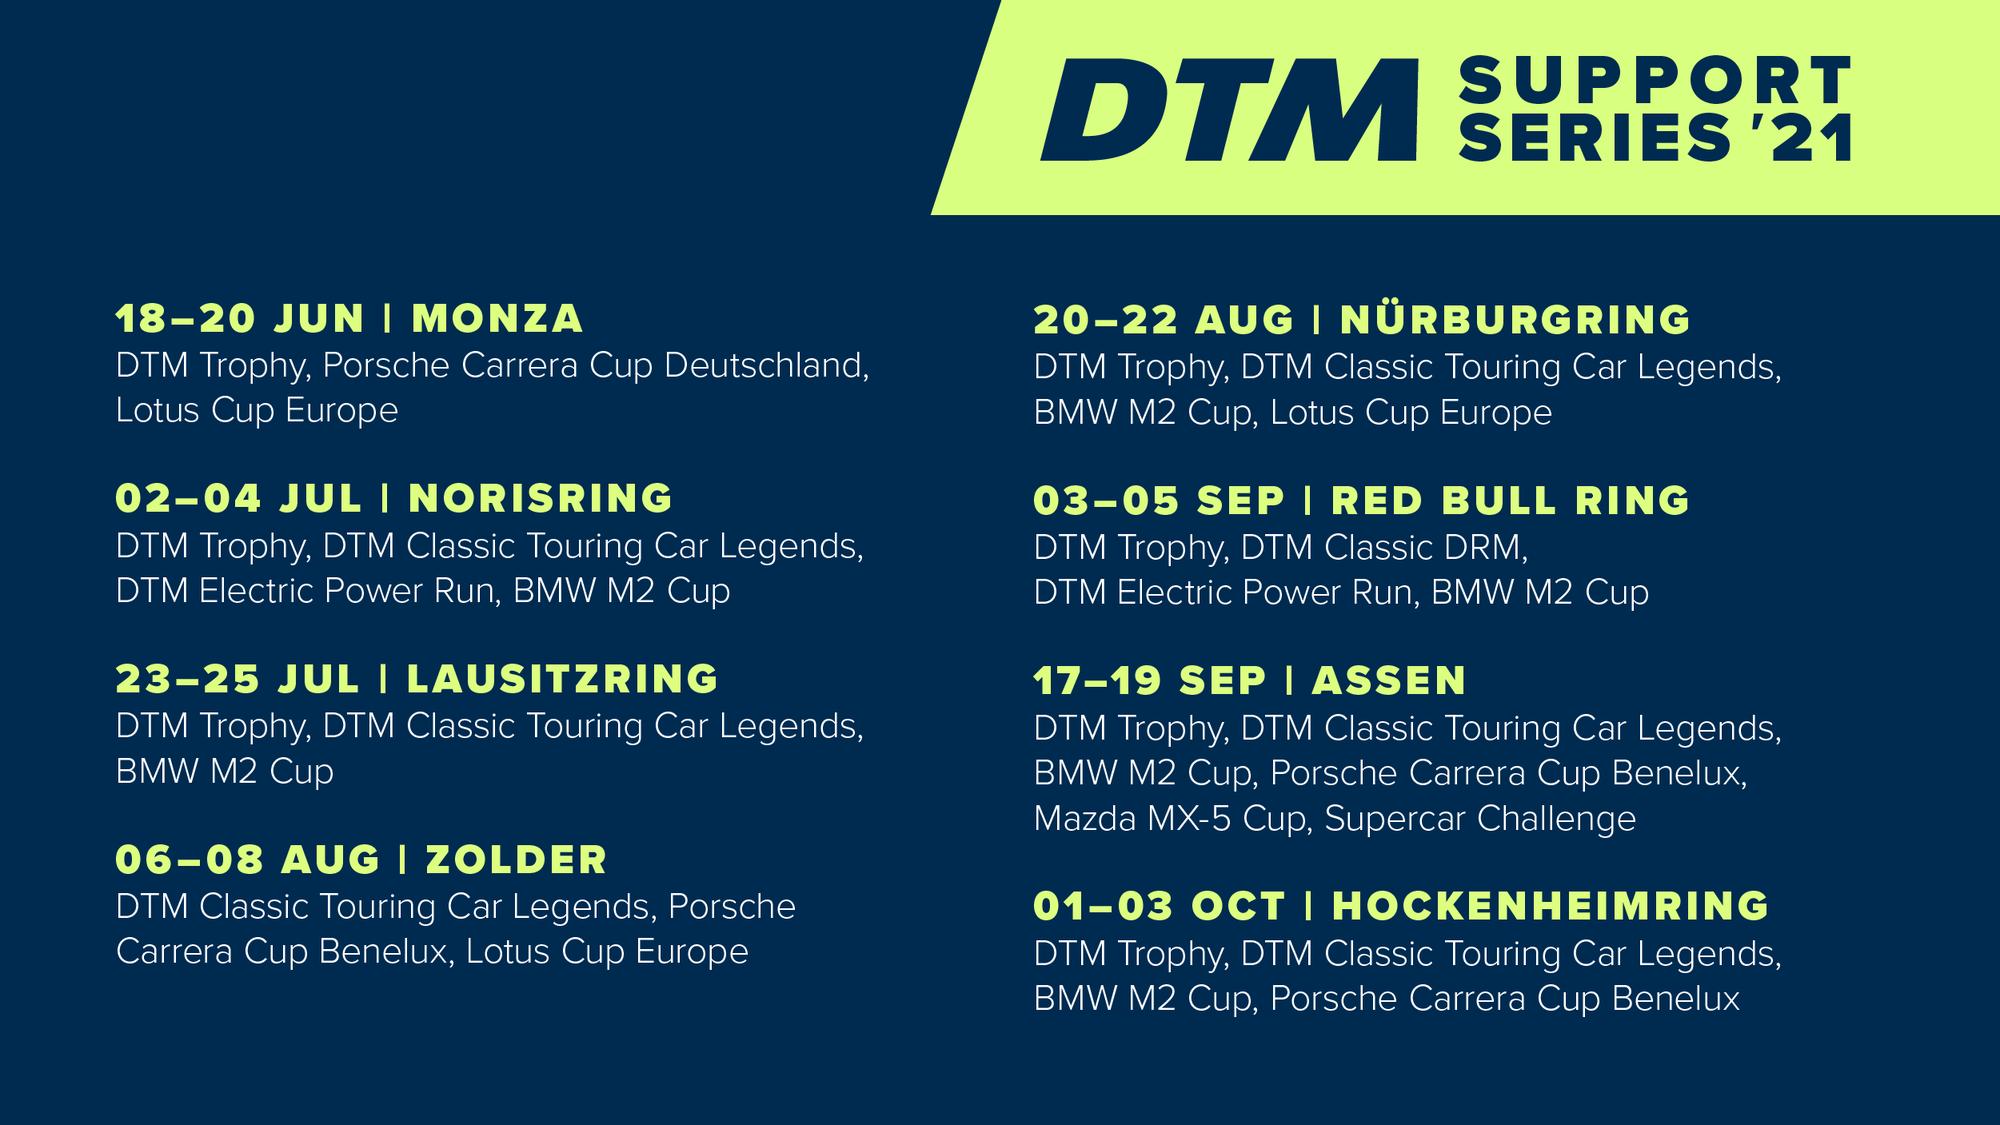 Vorverkauf startet: Die DTM rast mit acht Rennserien durch 2021